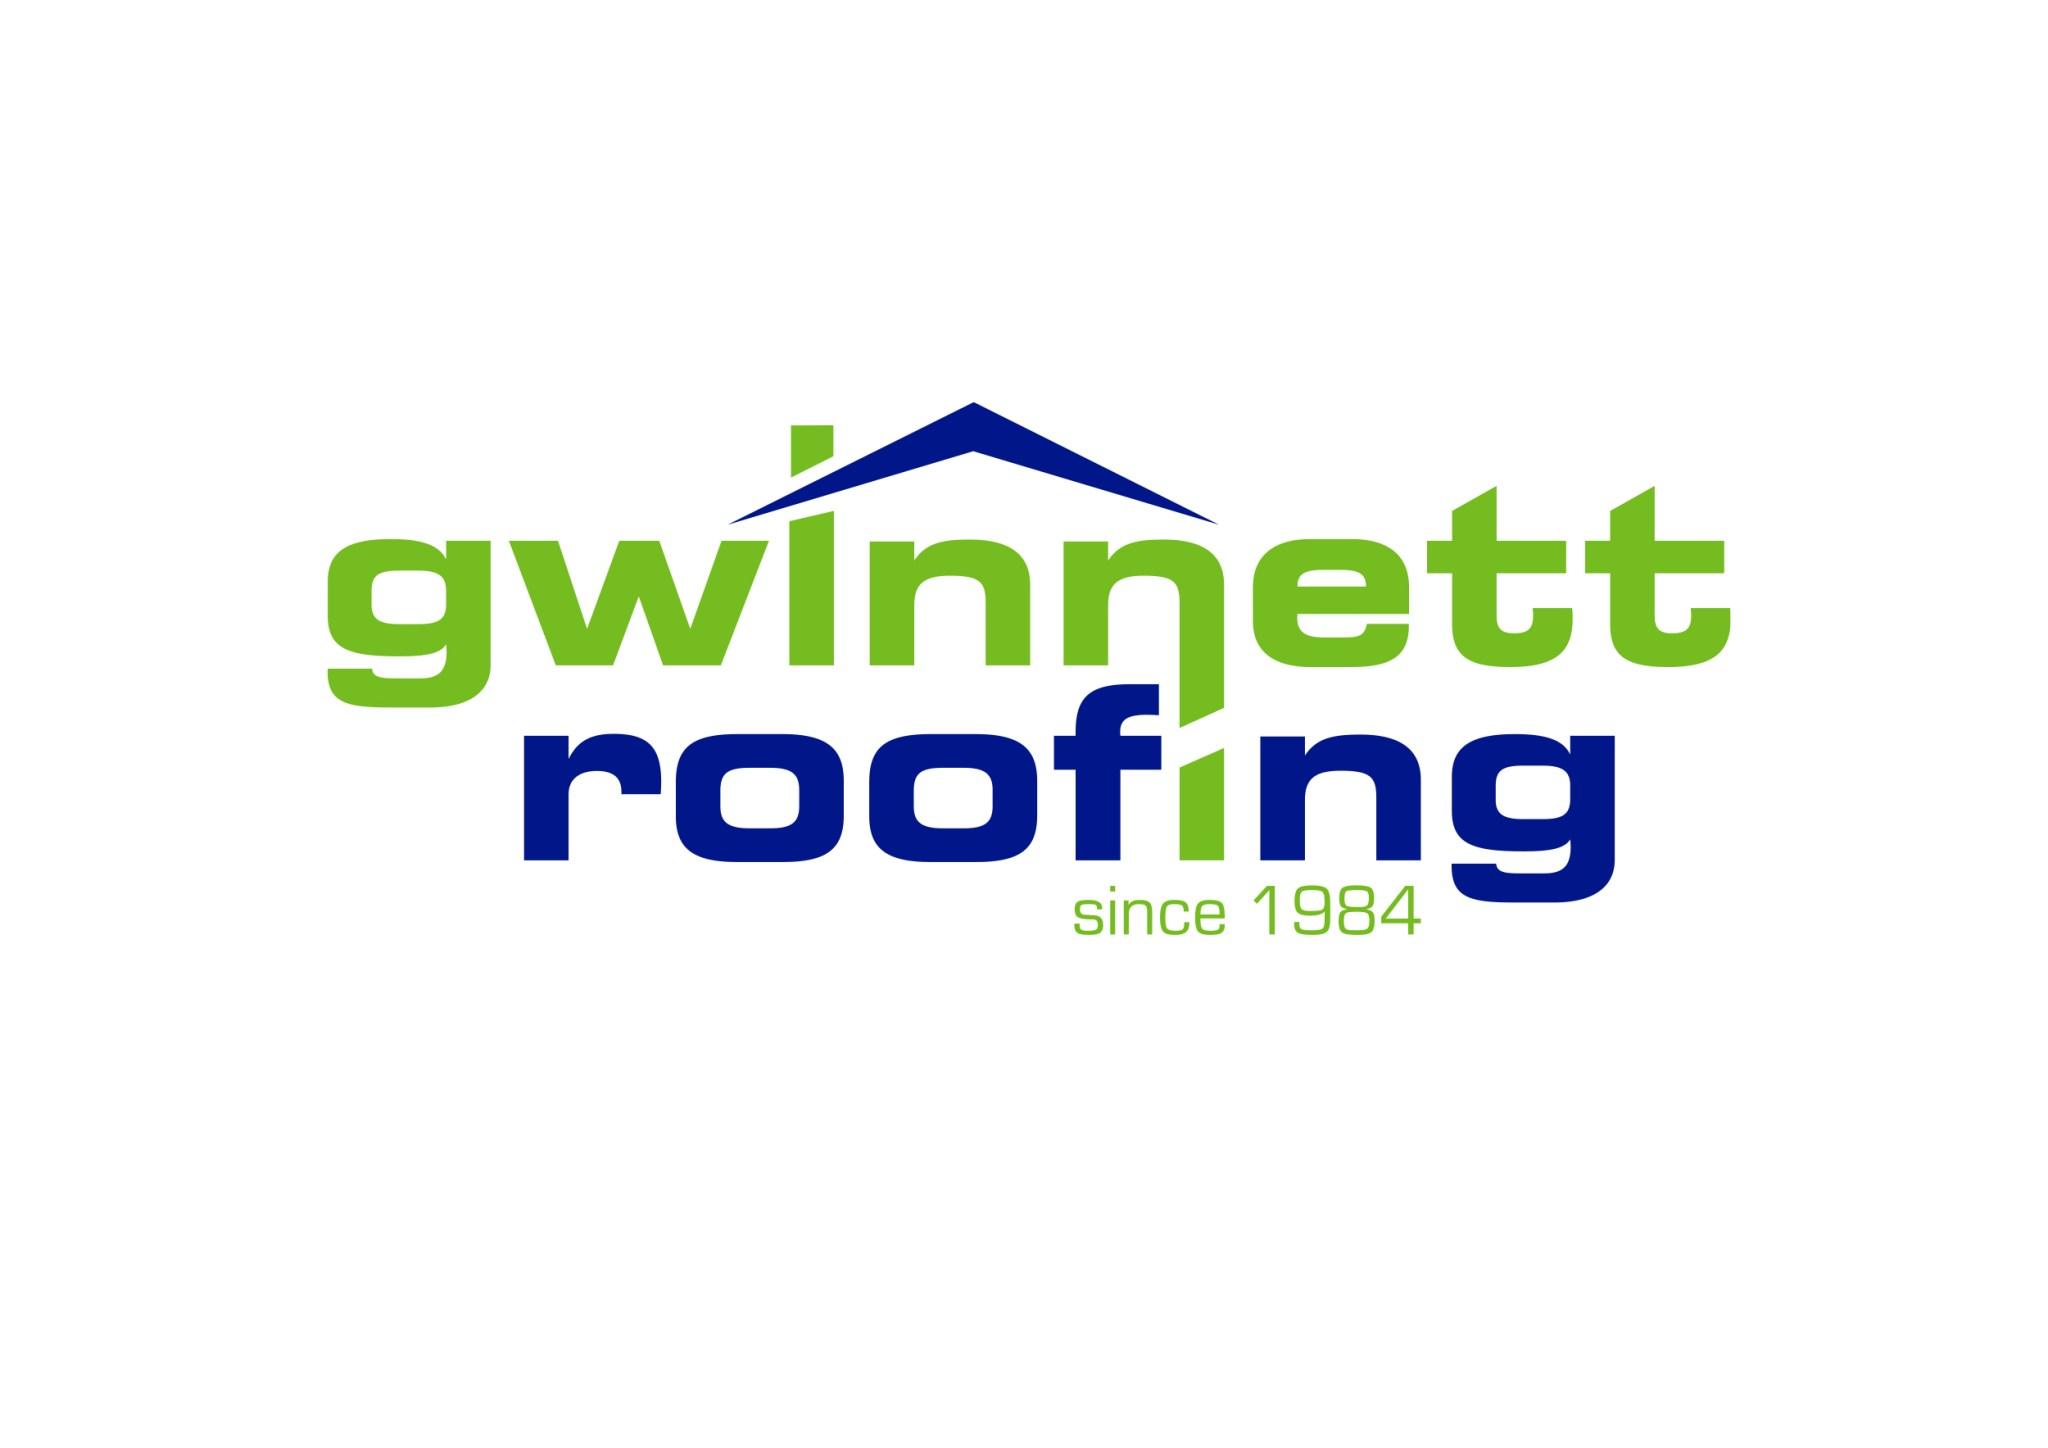 Gwinnett Roofing